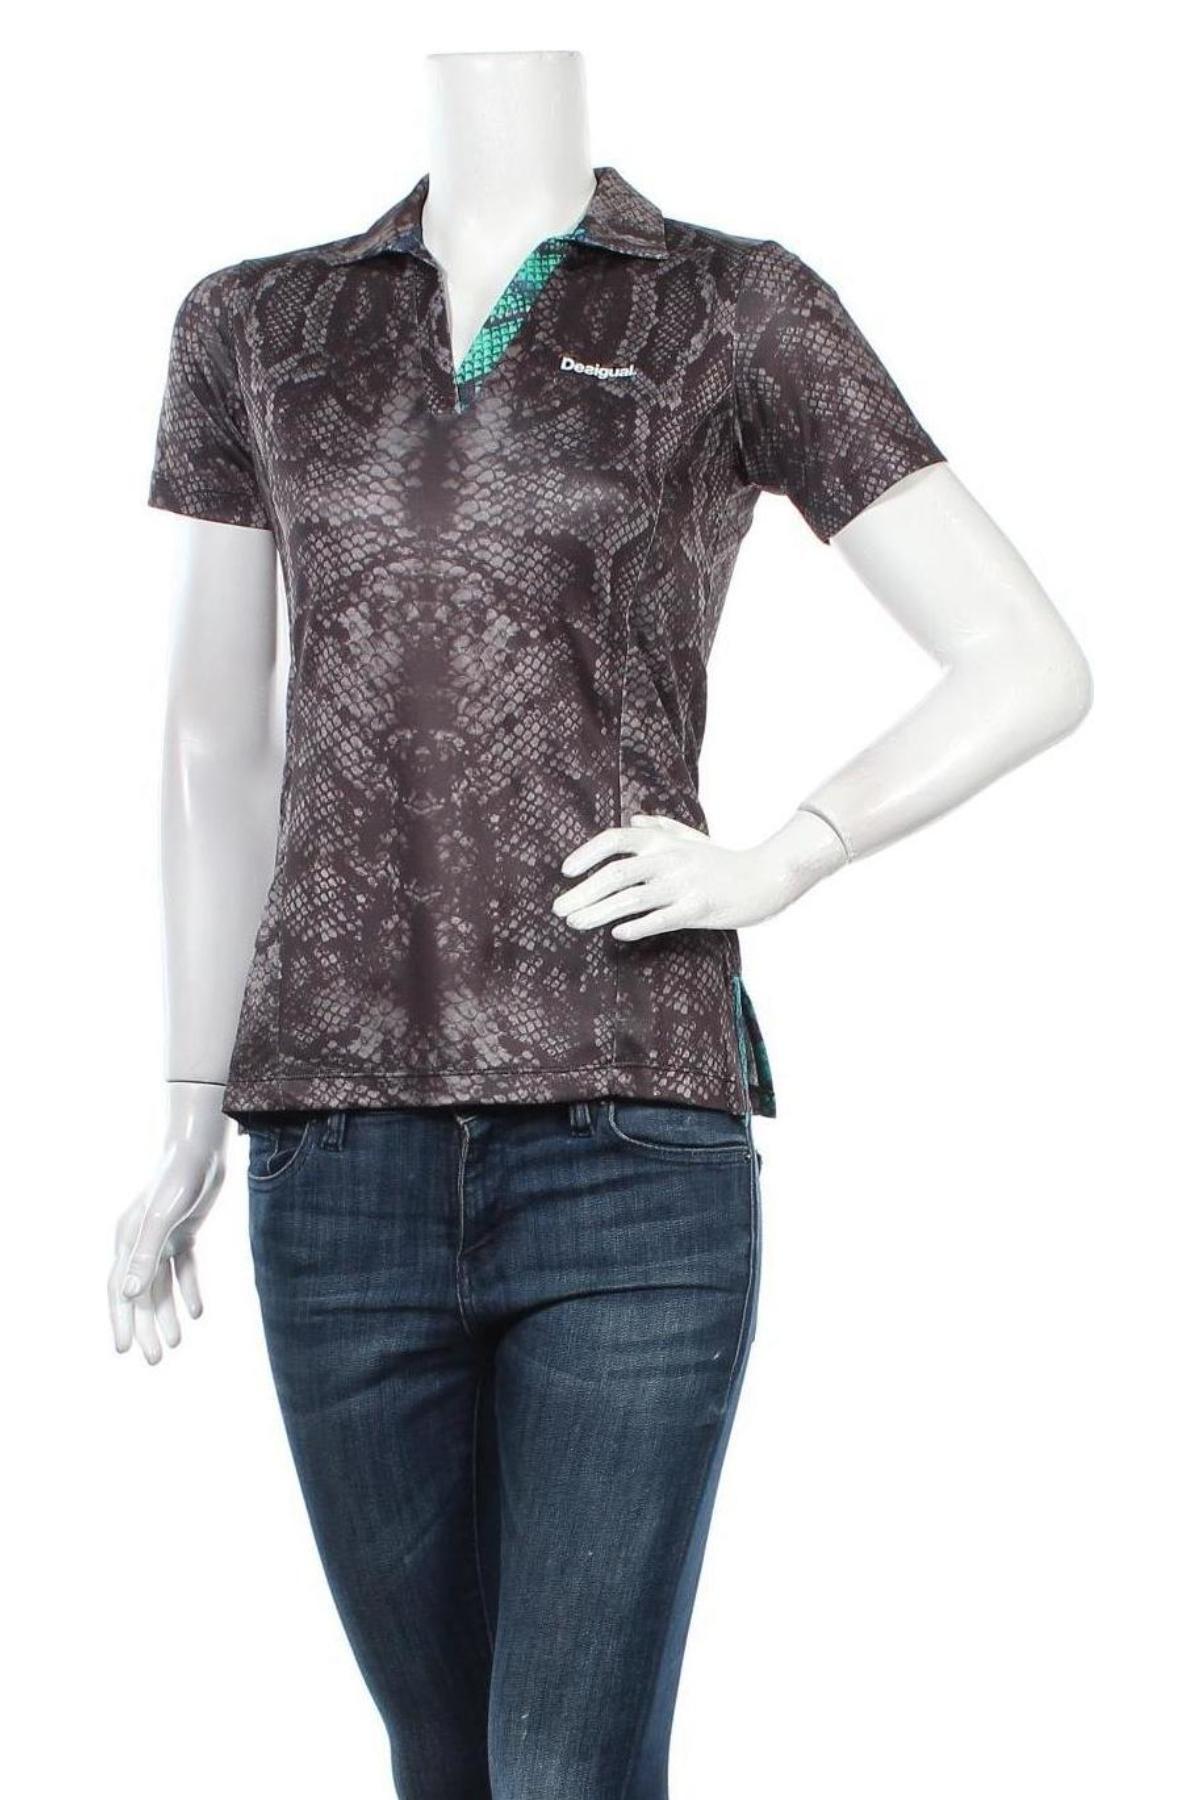 Дамска тениска Desigual, Размер S, Цвят Сив, 97% полиестер, 3% еластан, Цена 42,72лв.